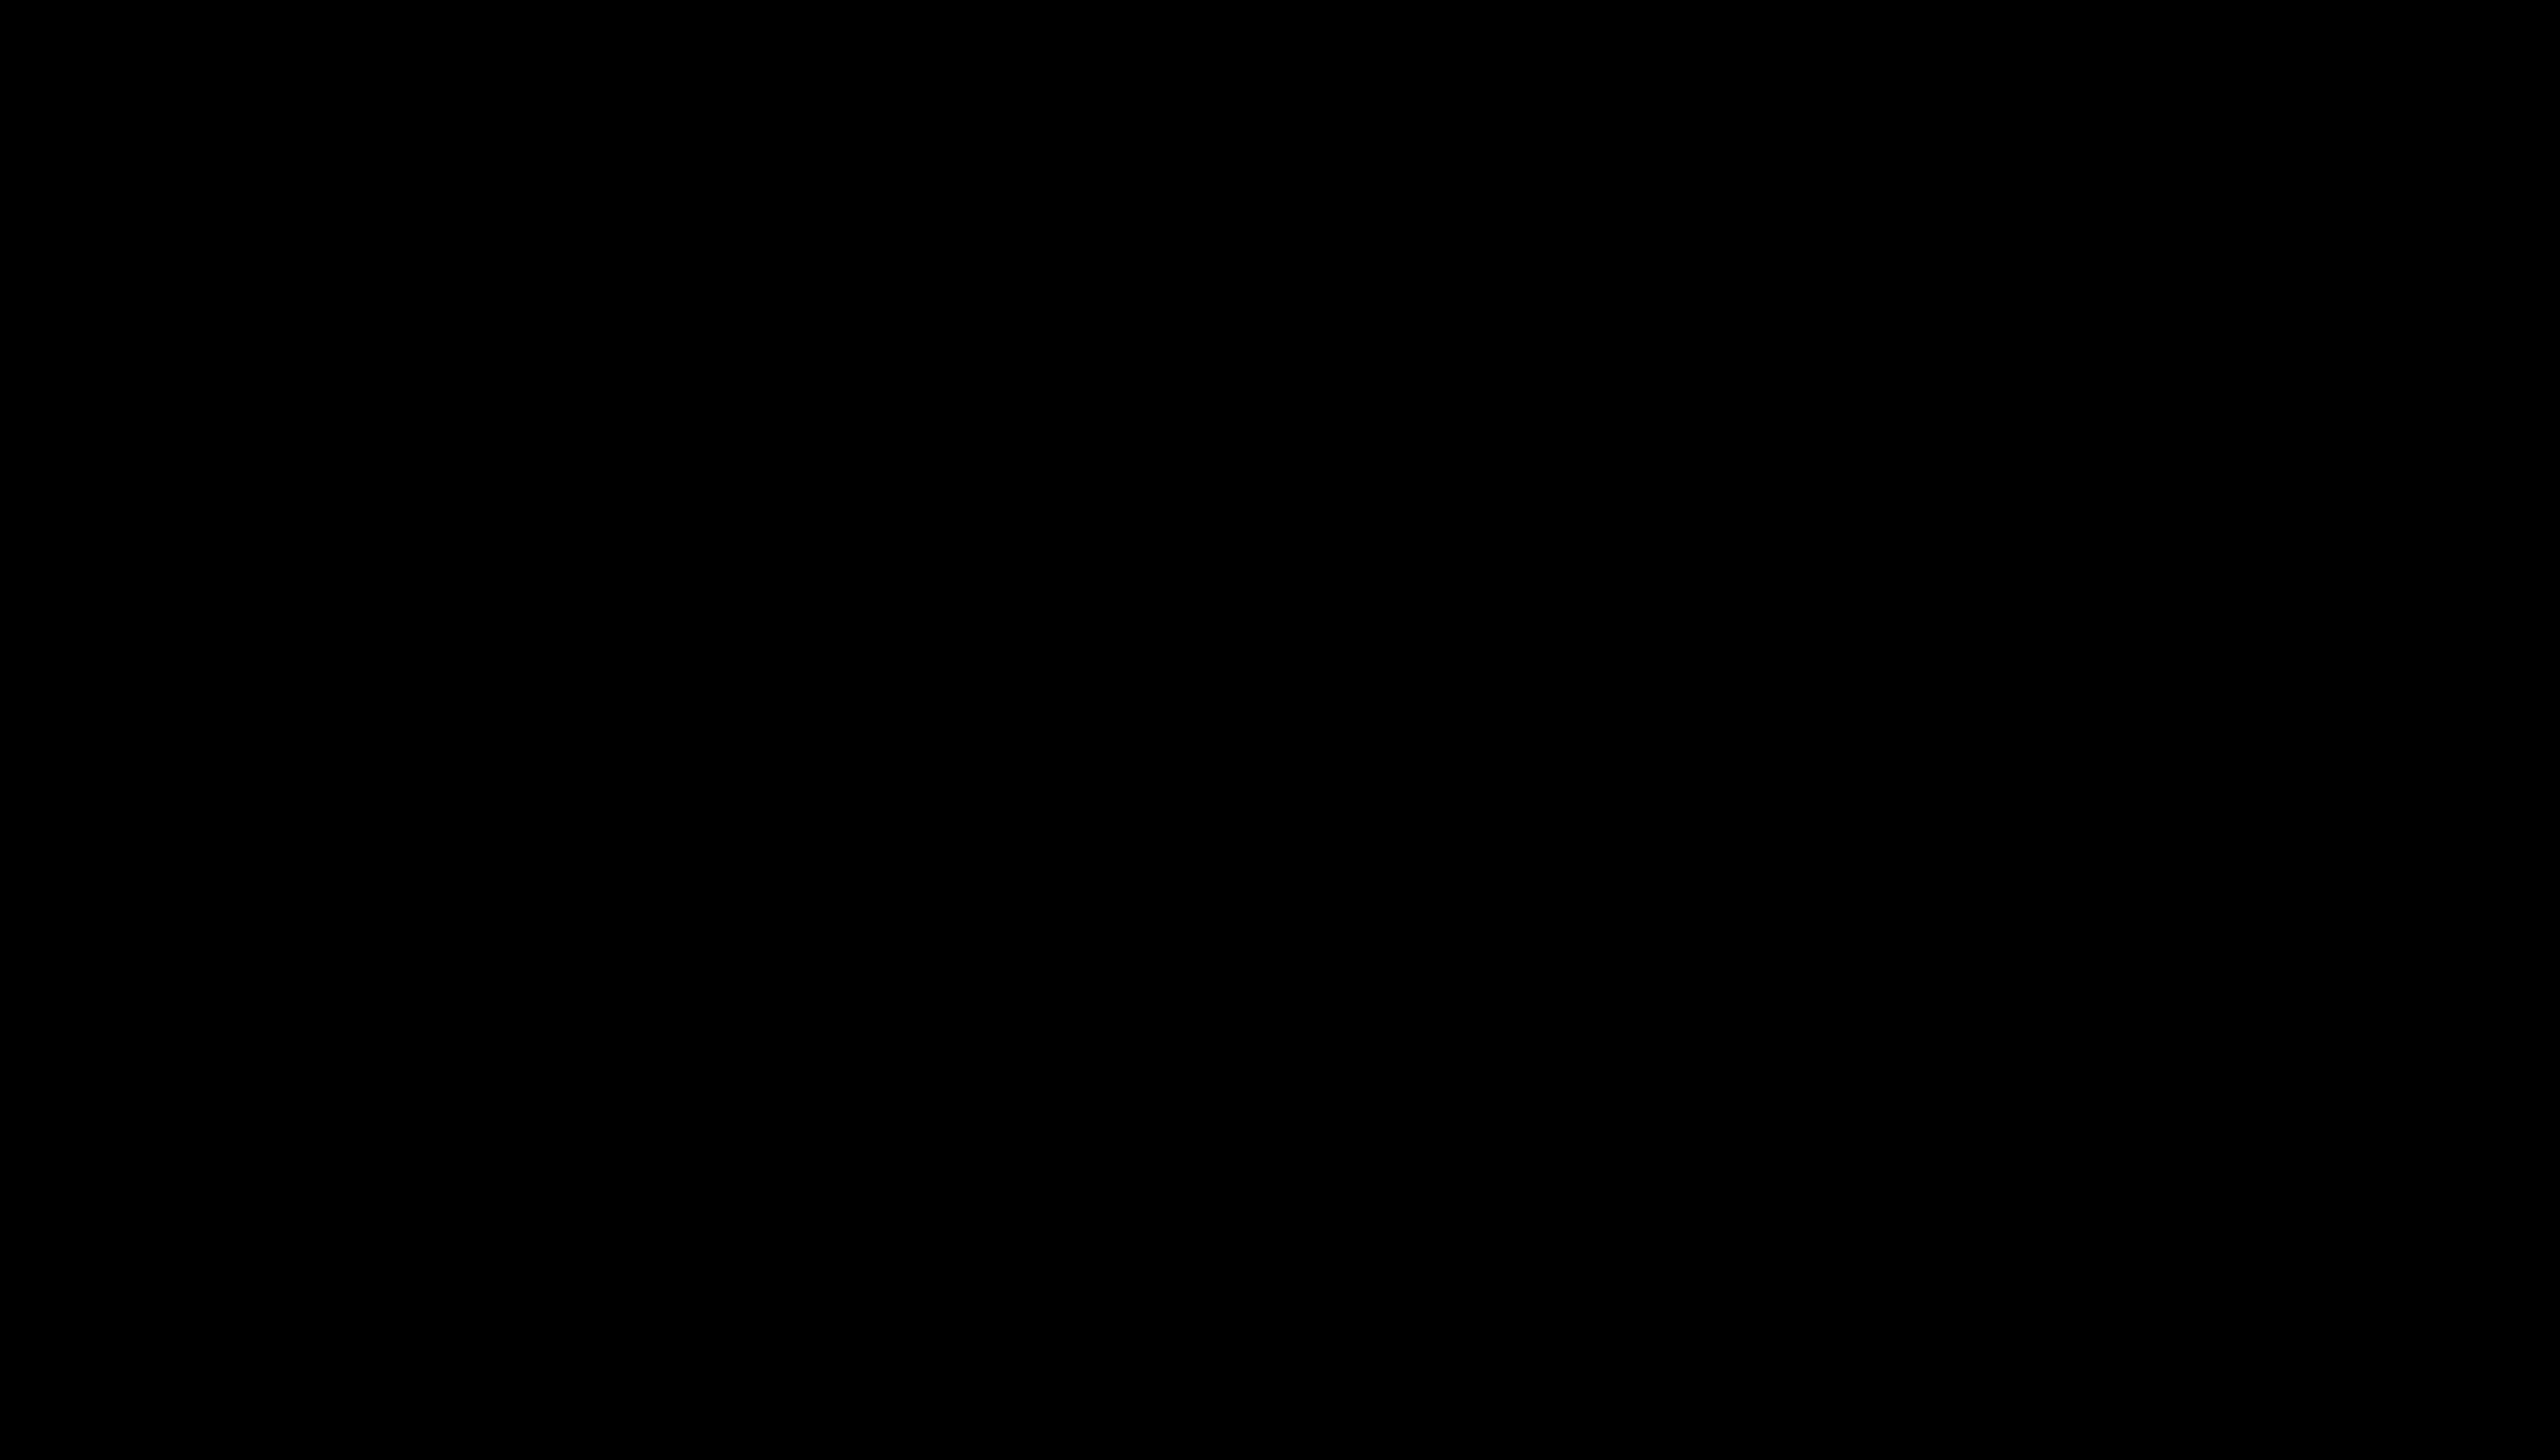 salle centrale et ses décors du 19e siècle